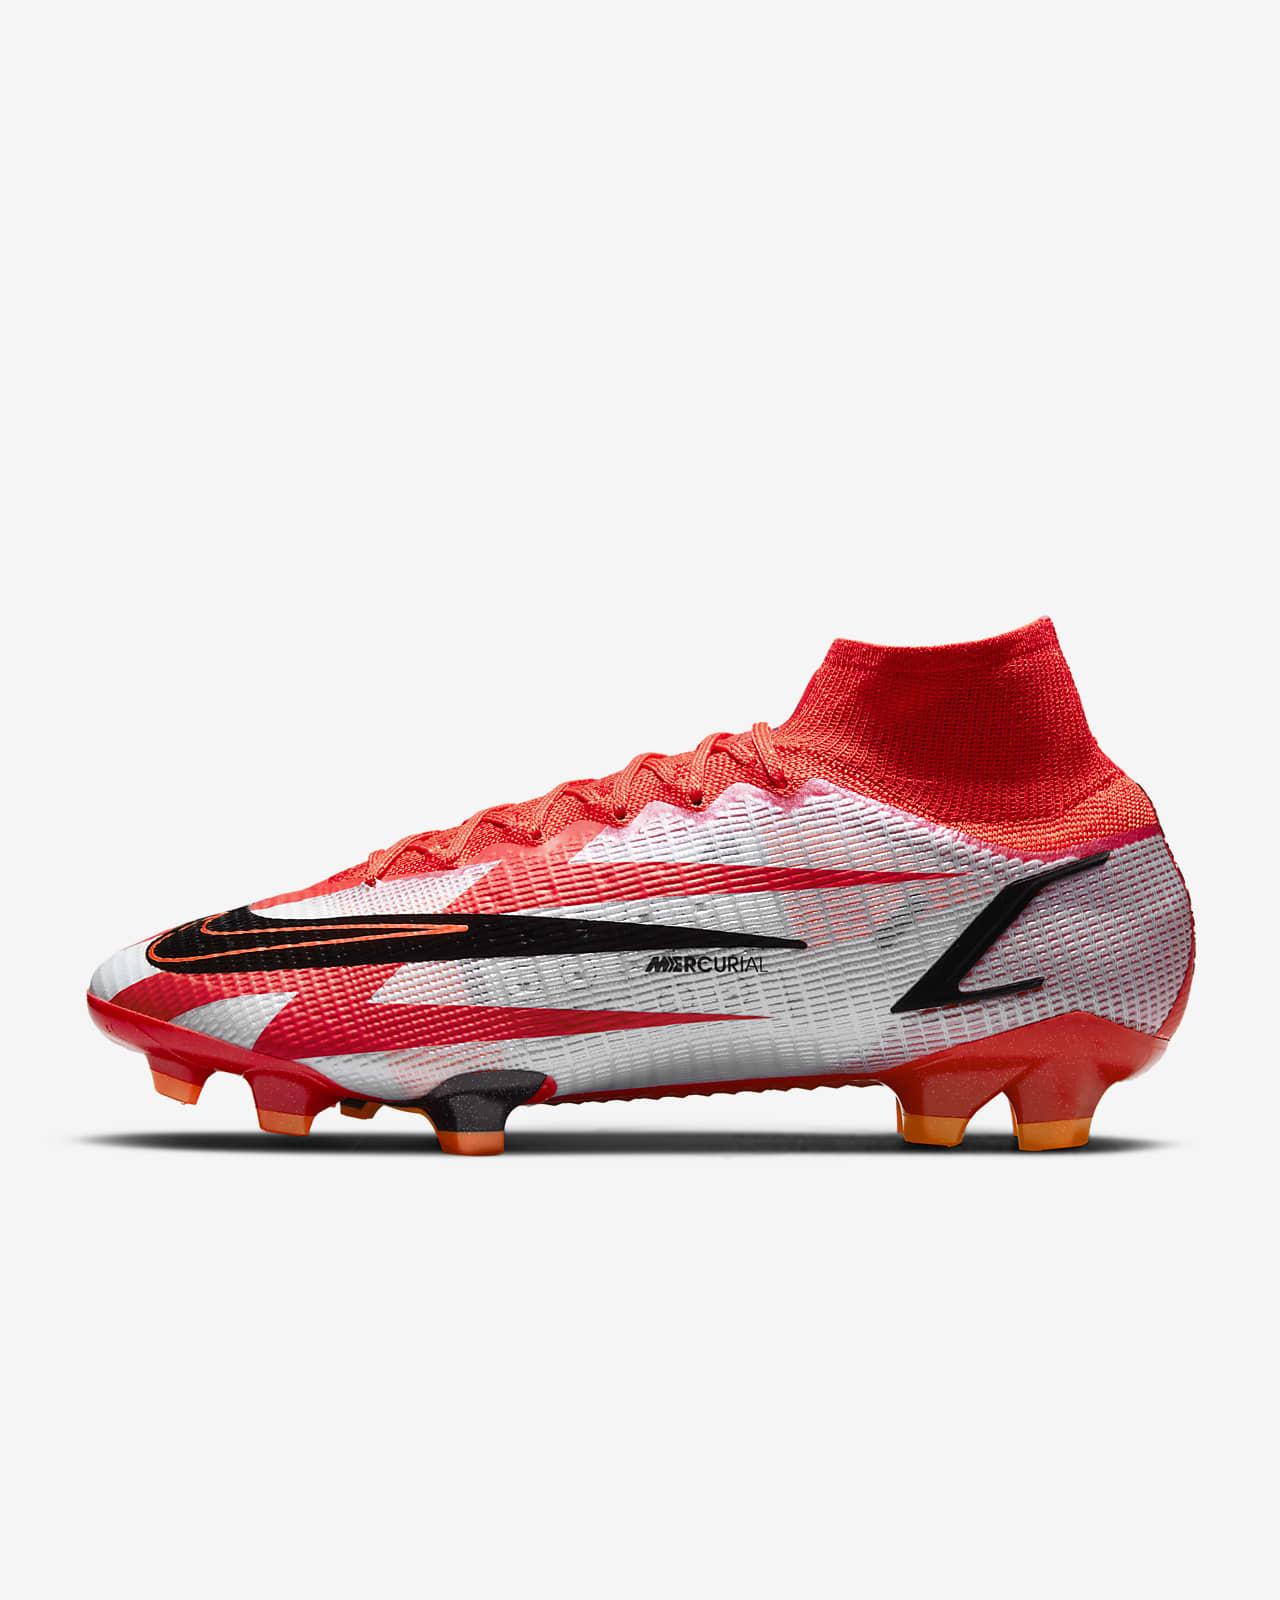 รองเท้าสตั๊ดฟุตบอลสำหรับพื้นสนามทั่วไป Nike Mercurial Superfly 8 Elite CR7 FG